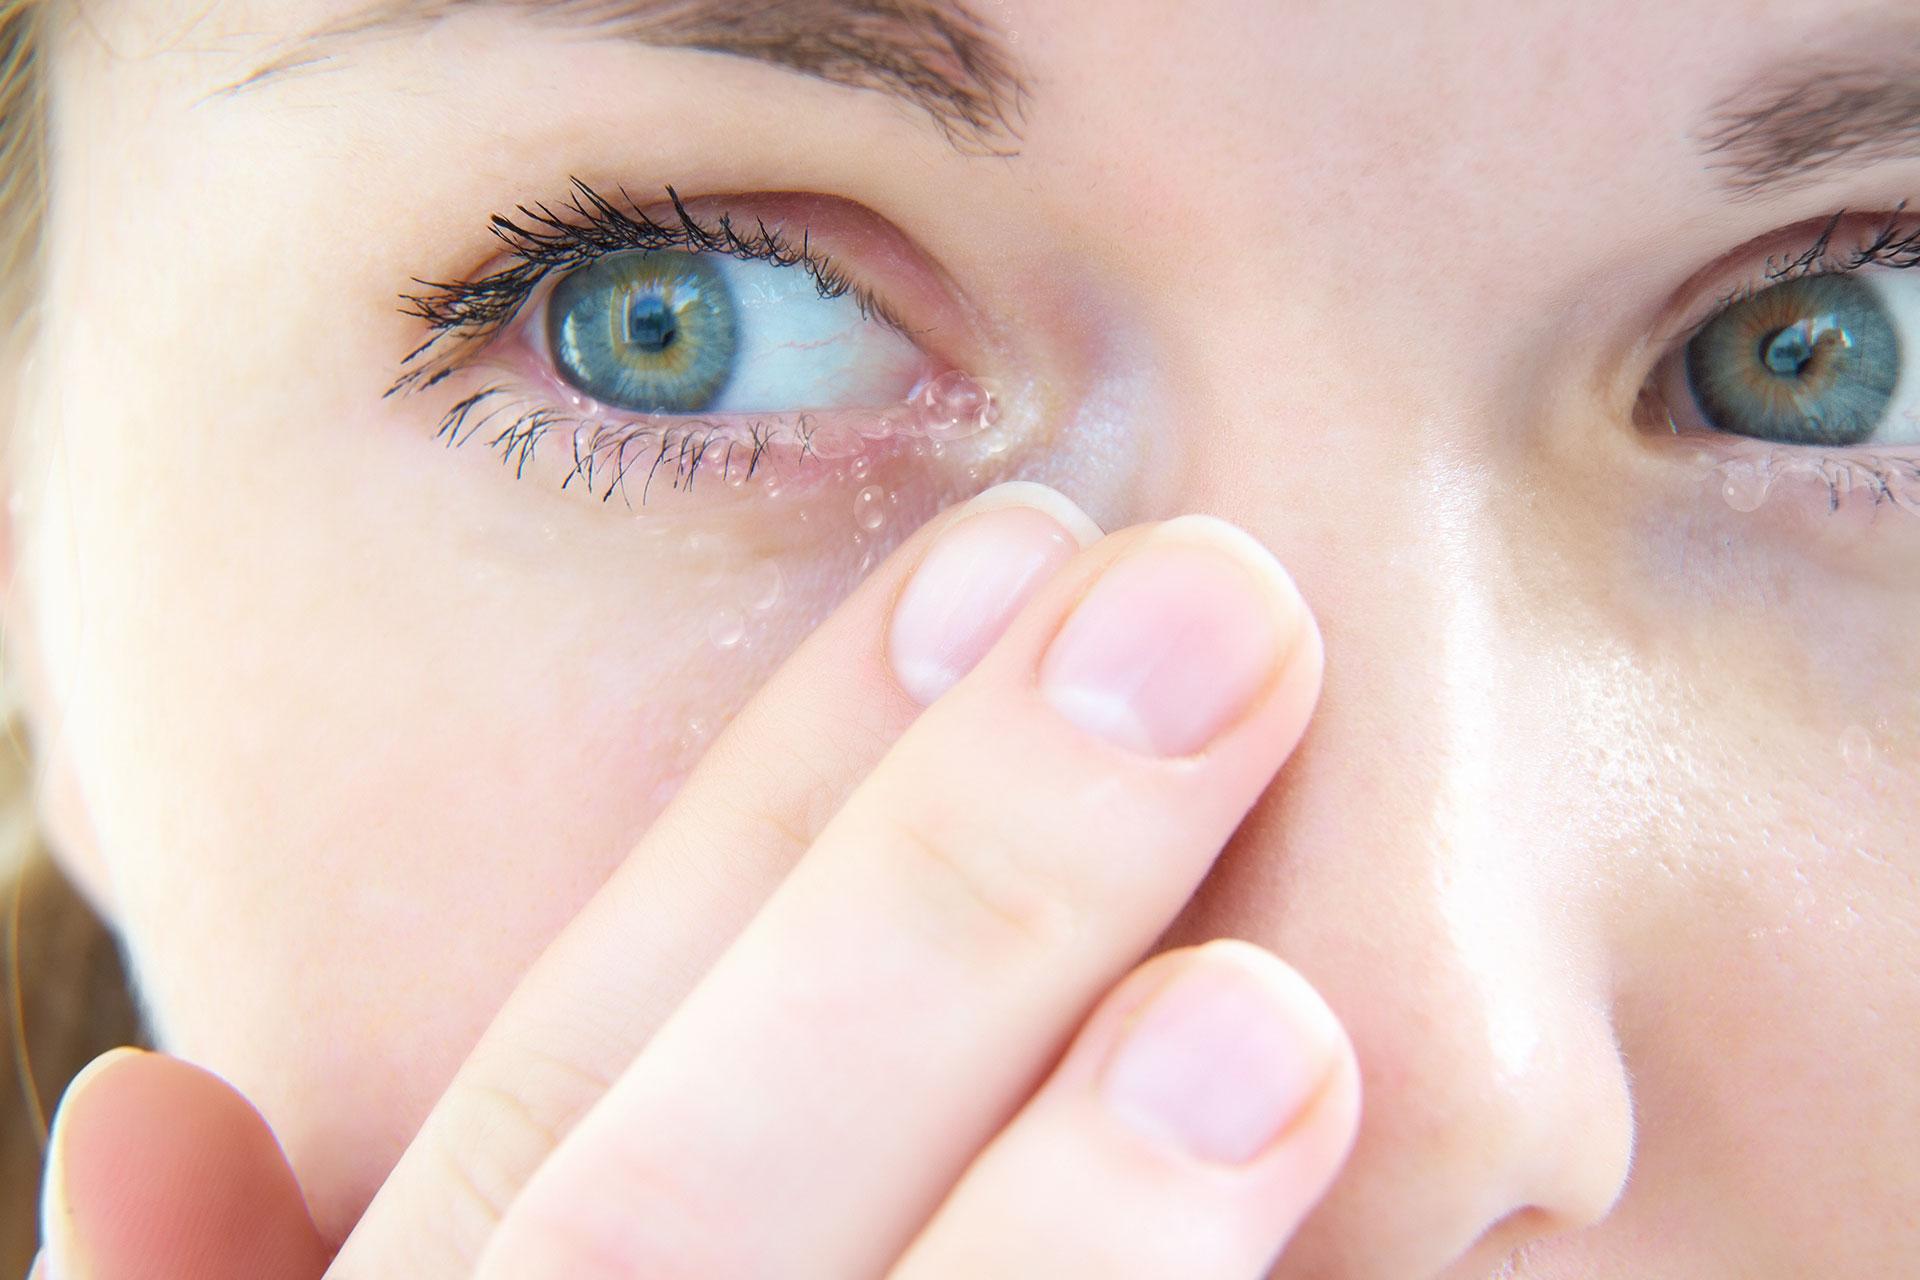 2882e1f949 Problema de salud: ojos llorosos